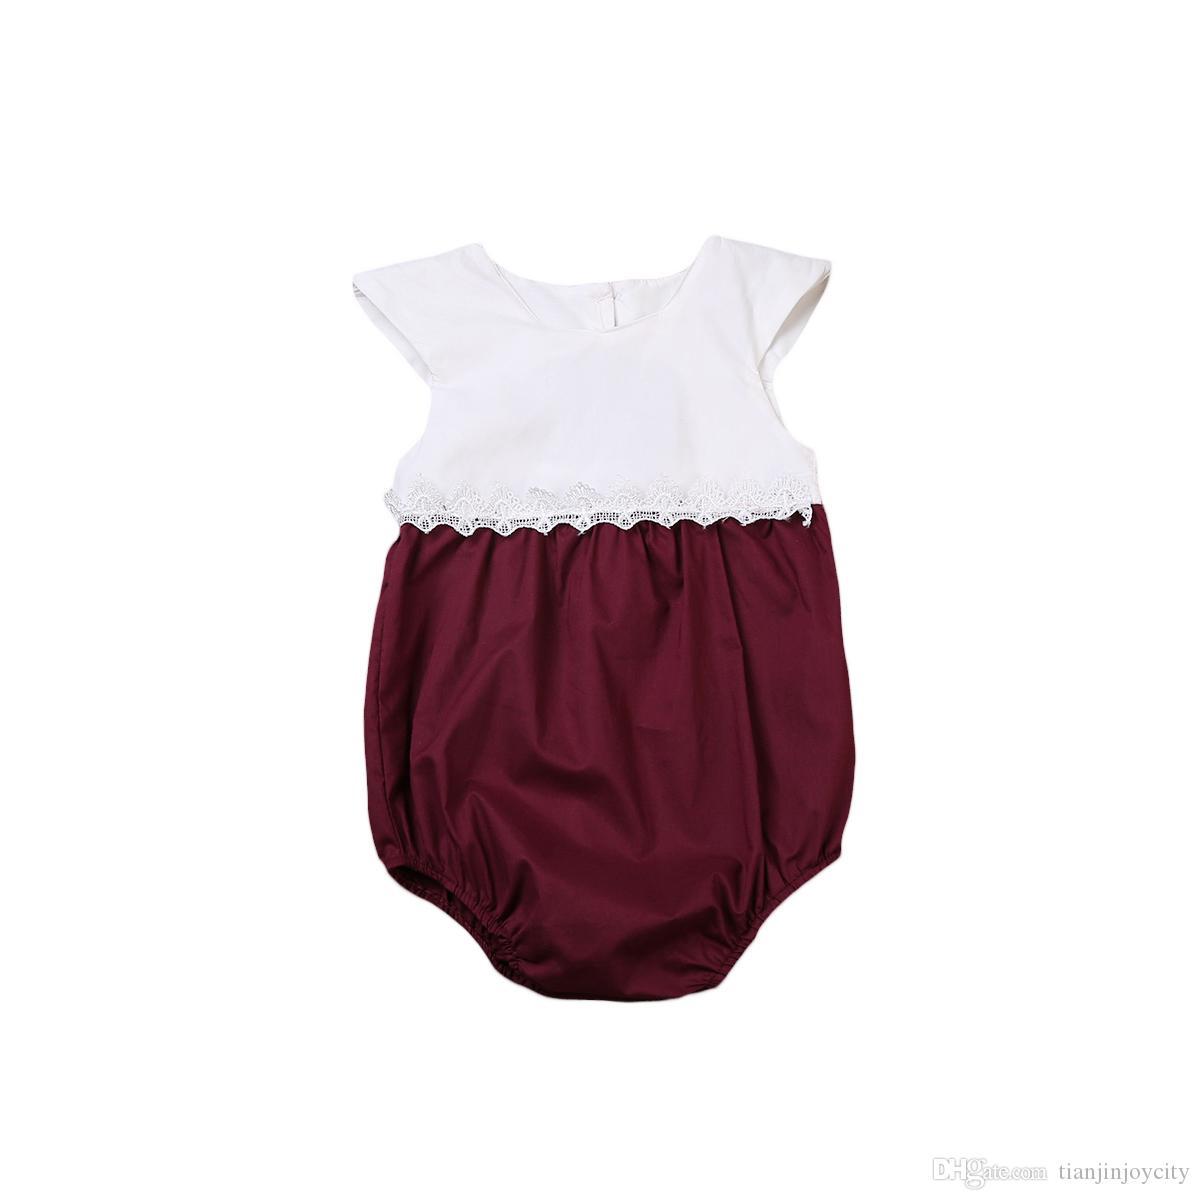 여름 신생아 유아 아기 소녀 등이없는 짧은 소매 레이스 바디 수트 선 수트 점프 슈트 복장 원피스 유아 어린이 옷